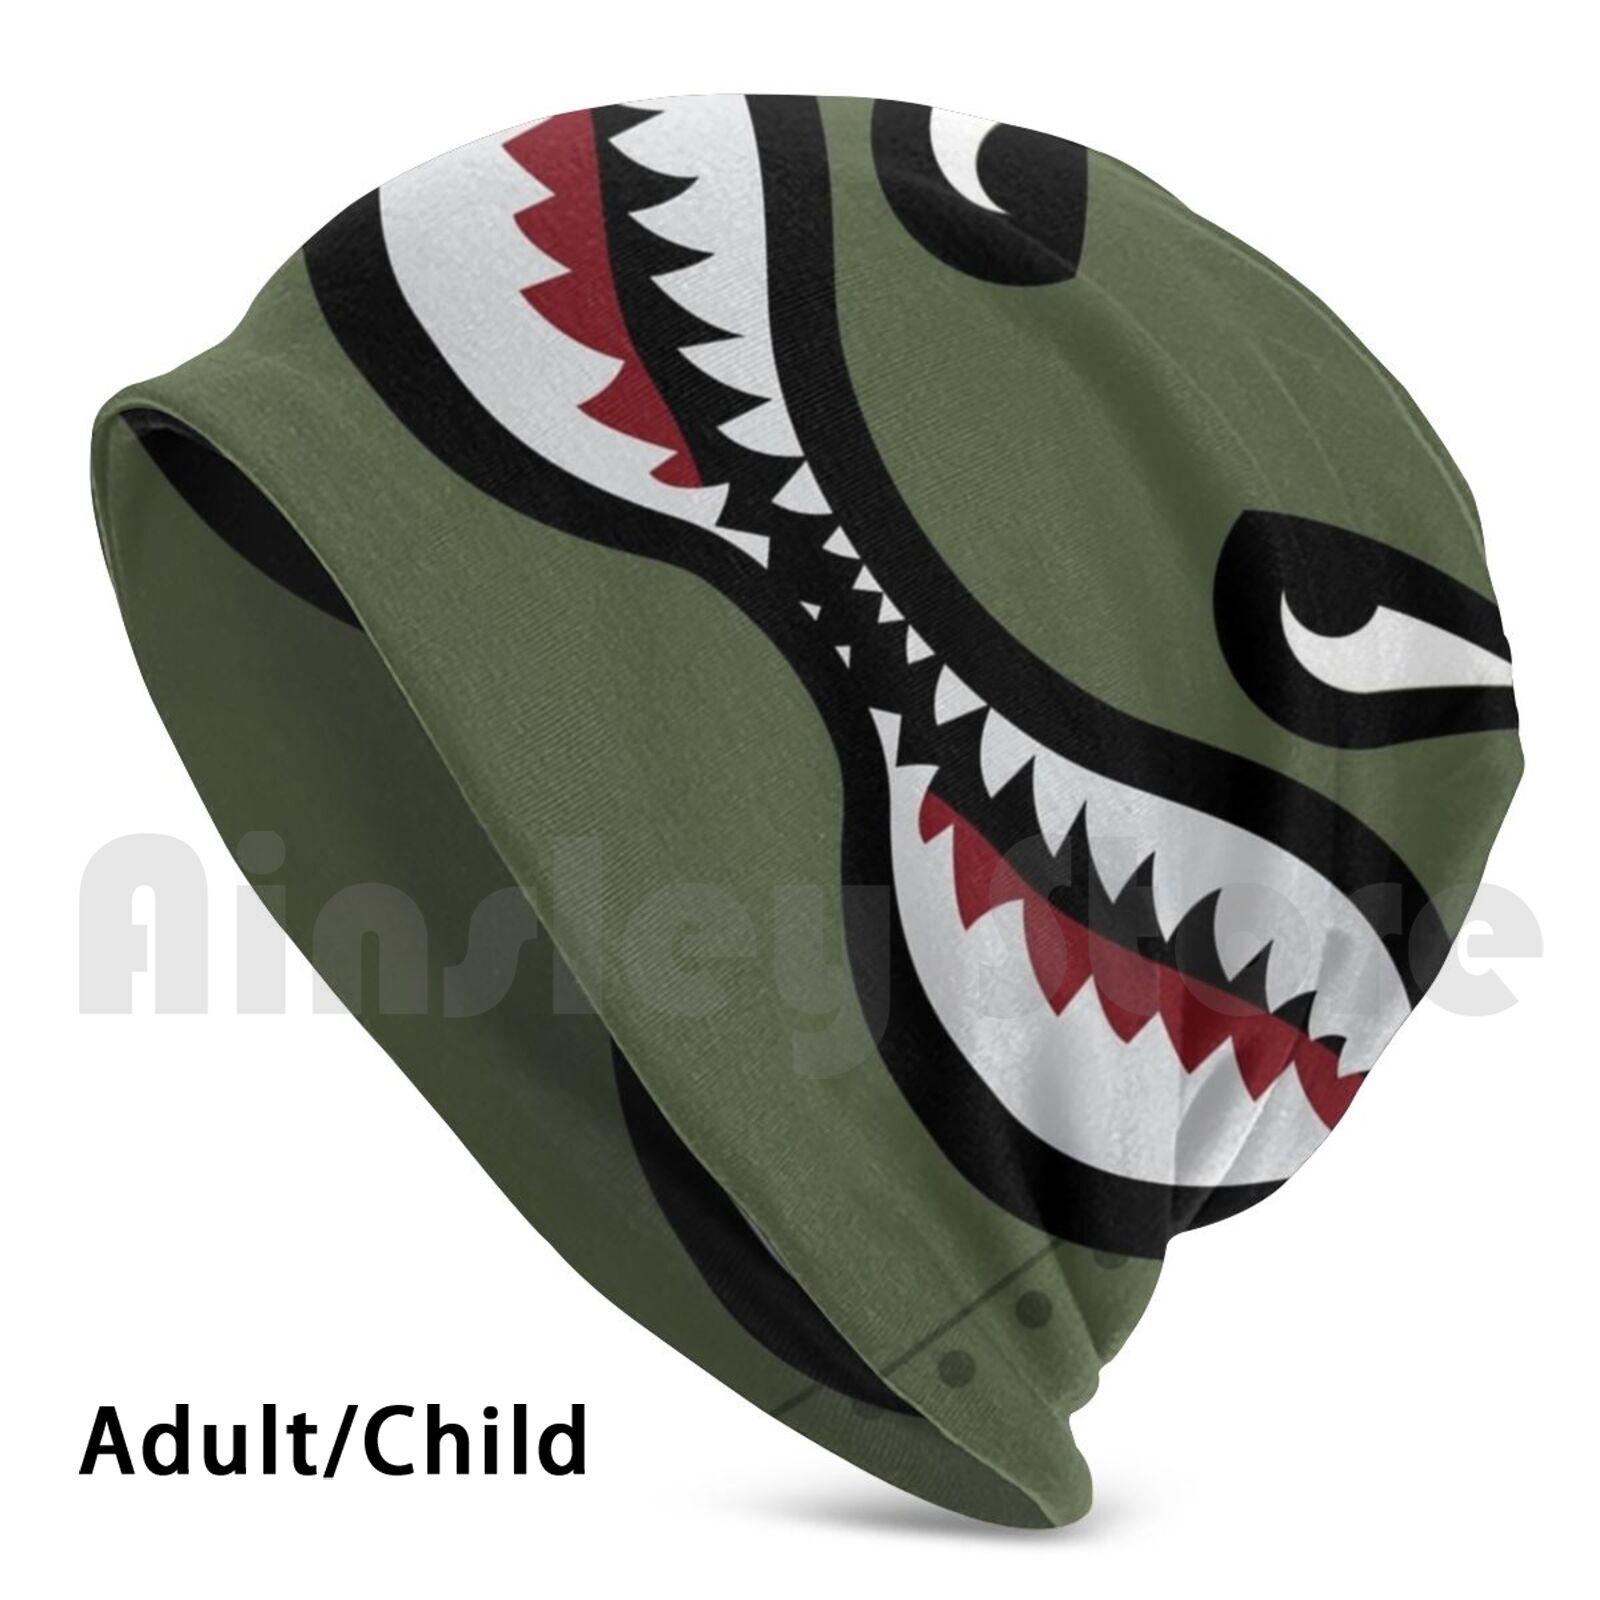 Shark Teeth! Beanies Pullover Cap Comfortable Flying Tiger Airplane A10 Warthog Shark Teeth